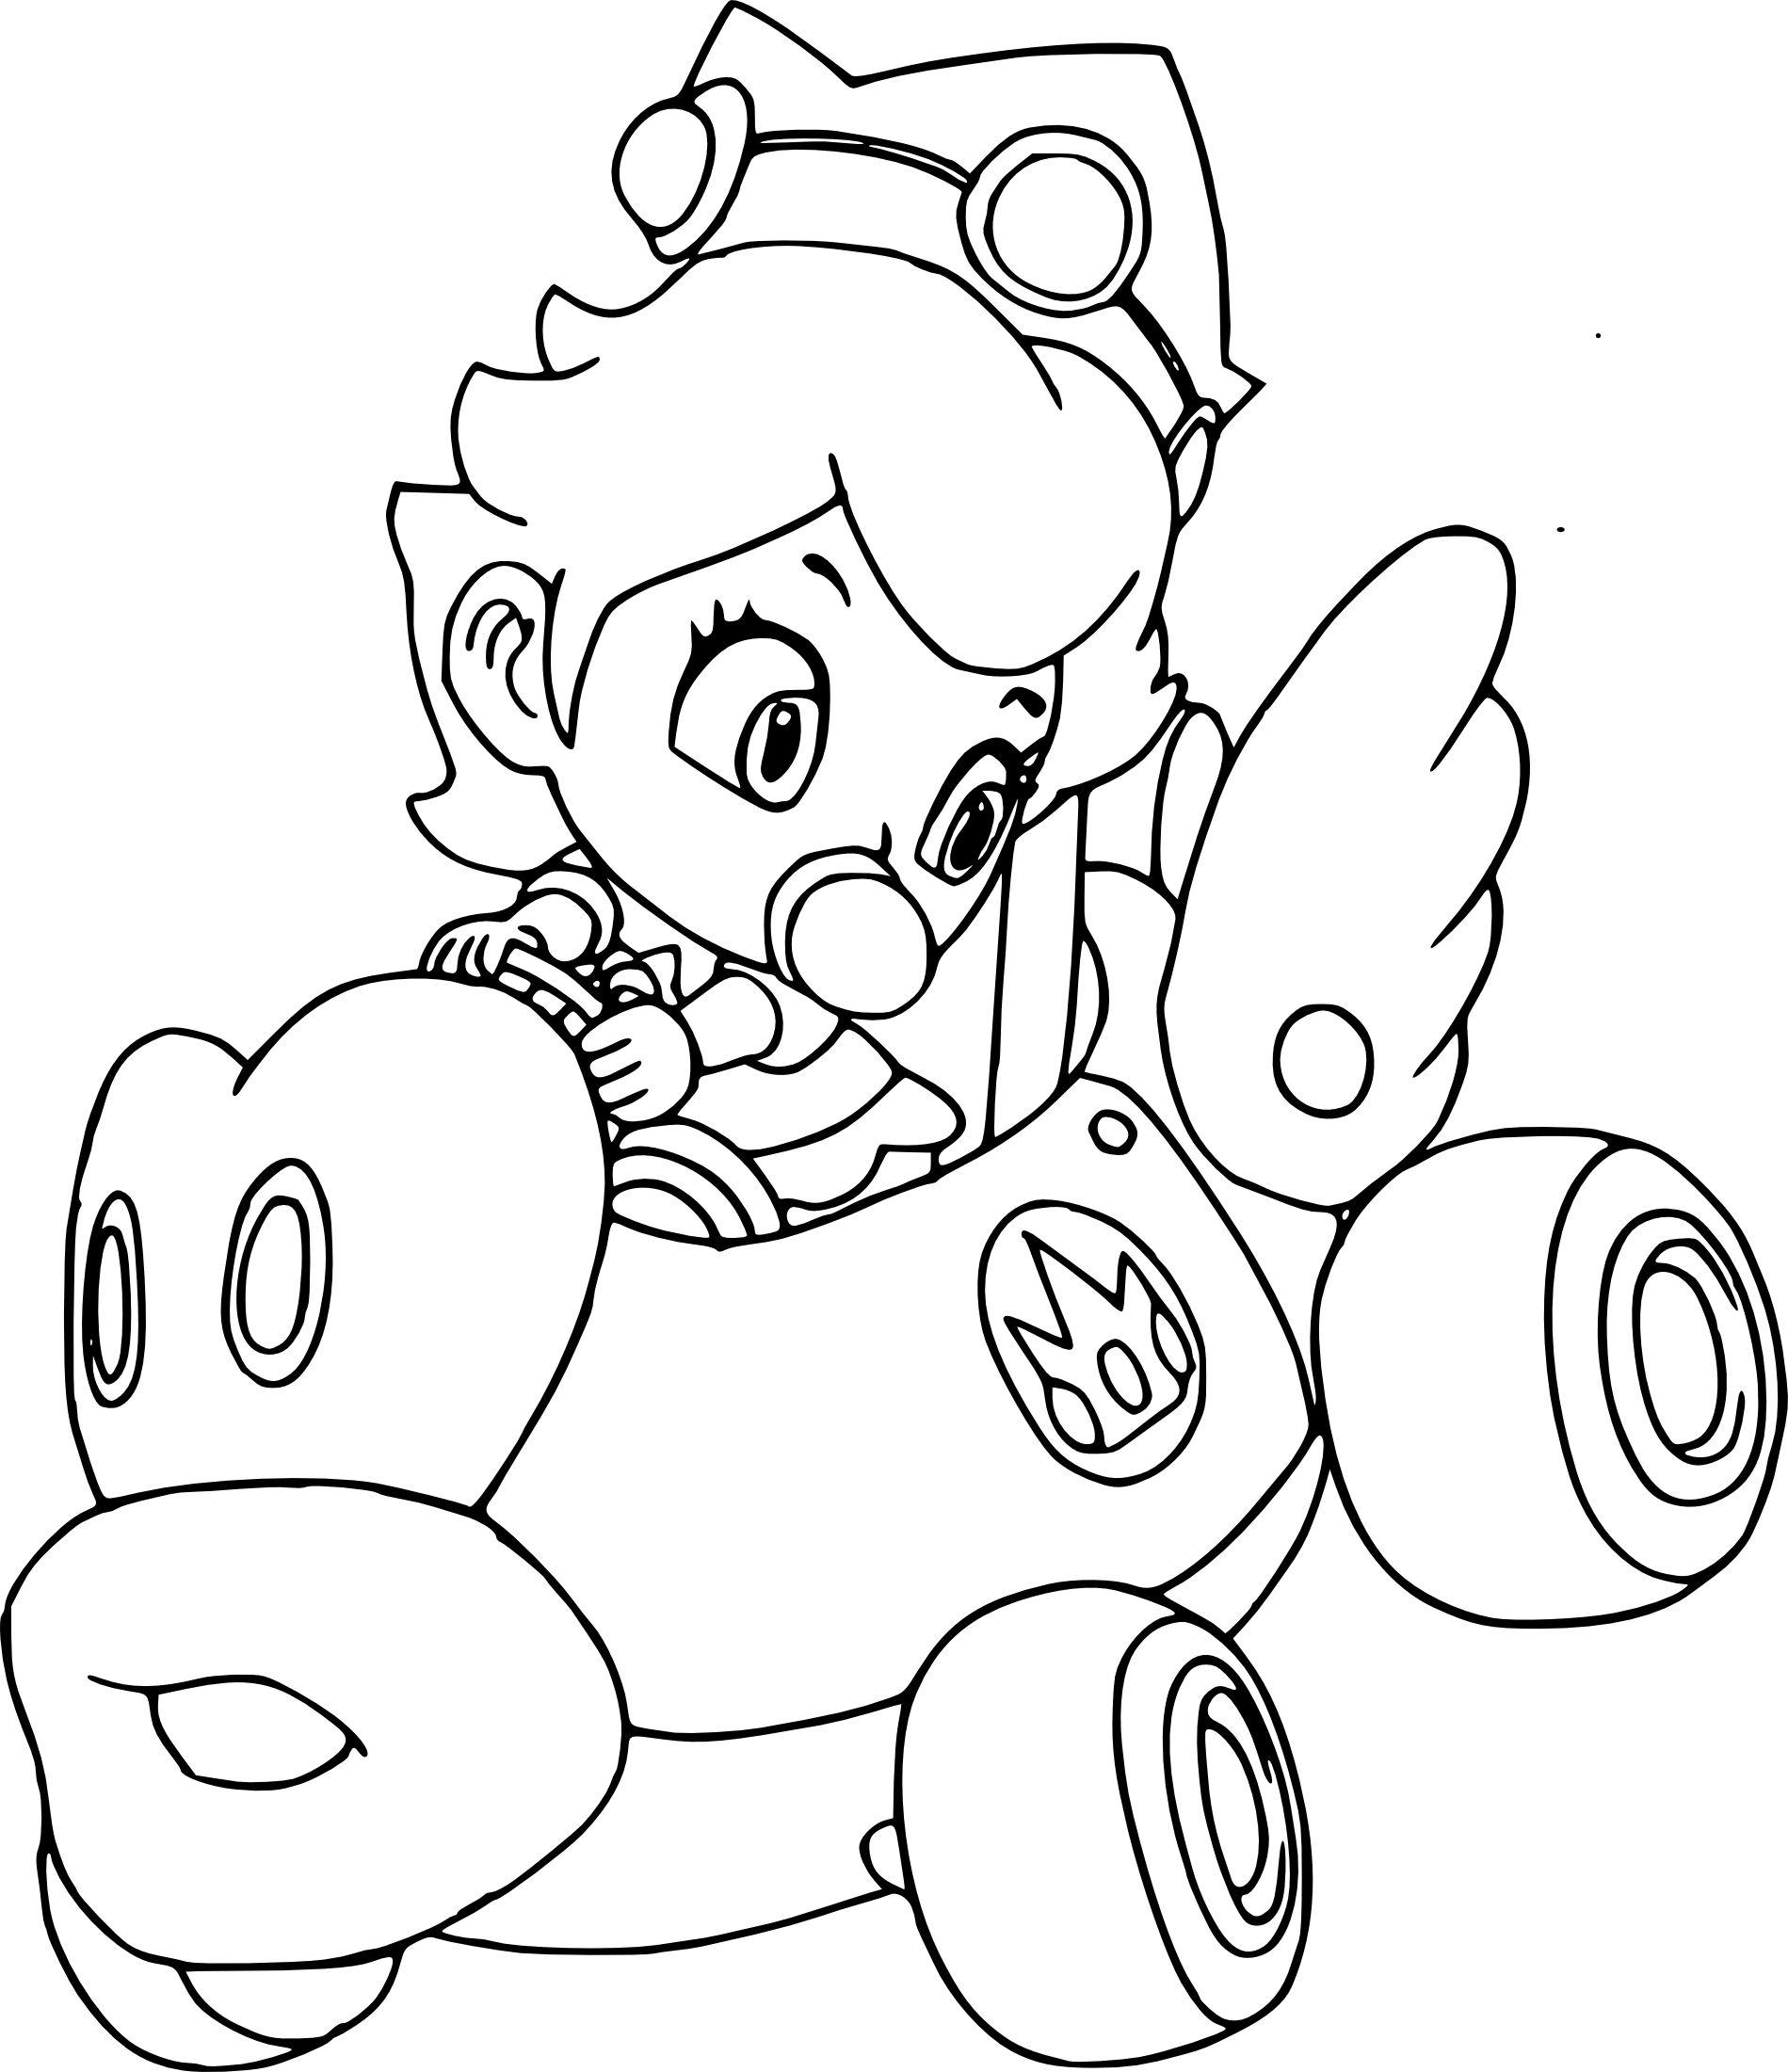 Resultat De Recherche D Images Pour Mario Et Peach Dessin